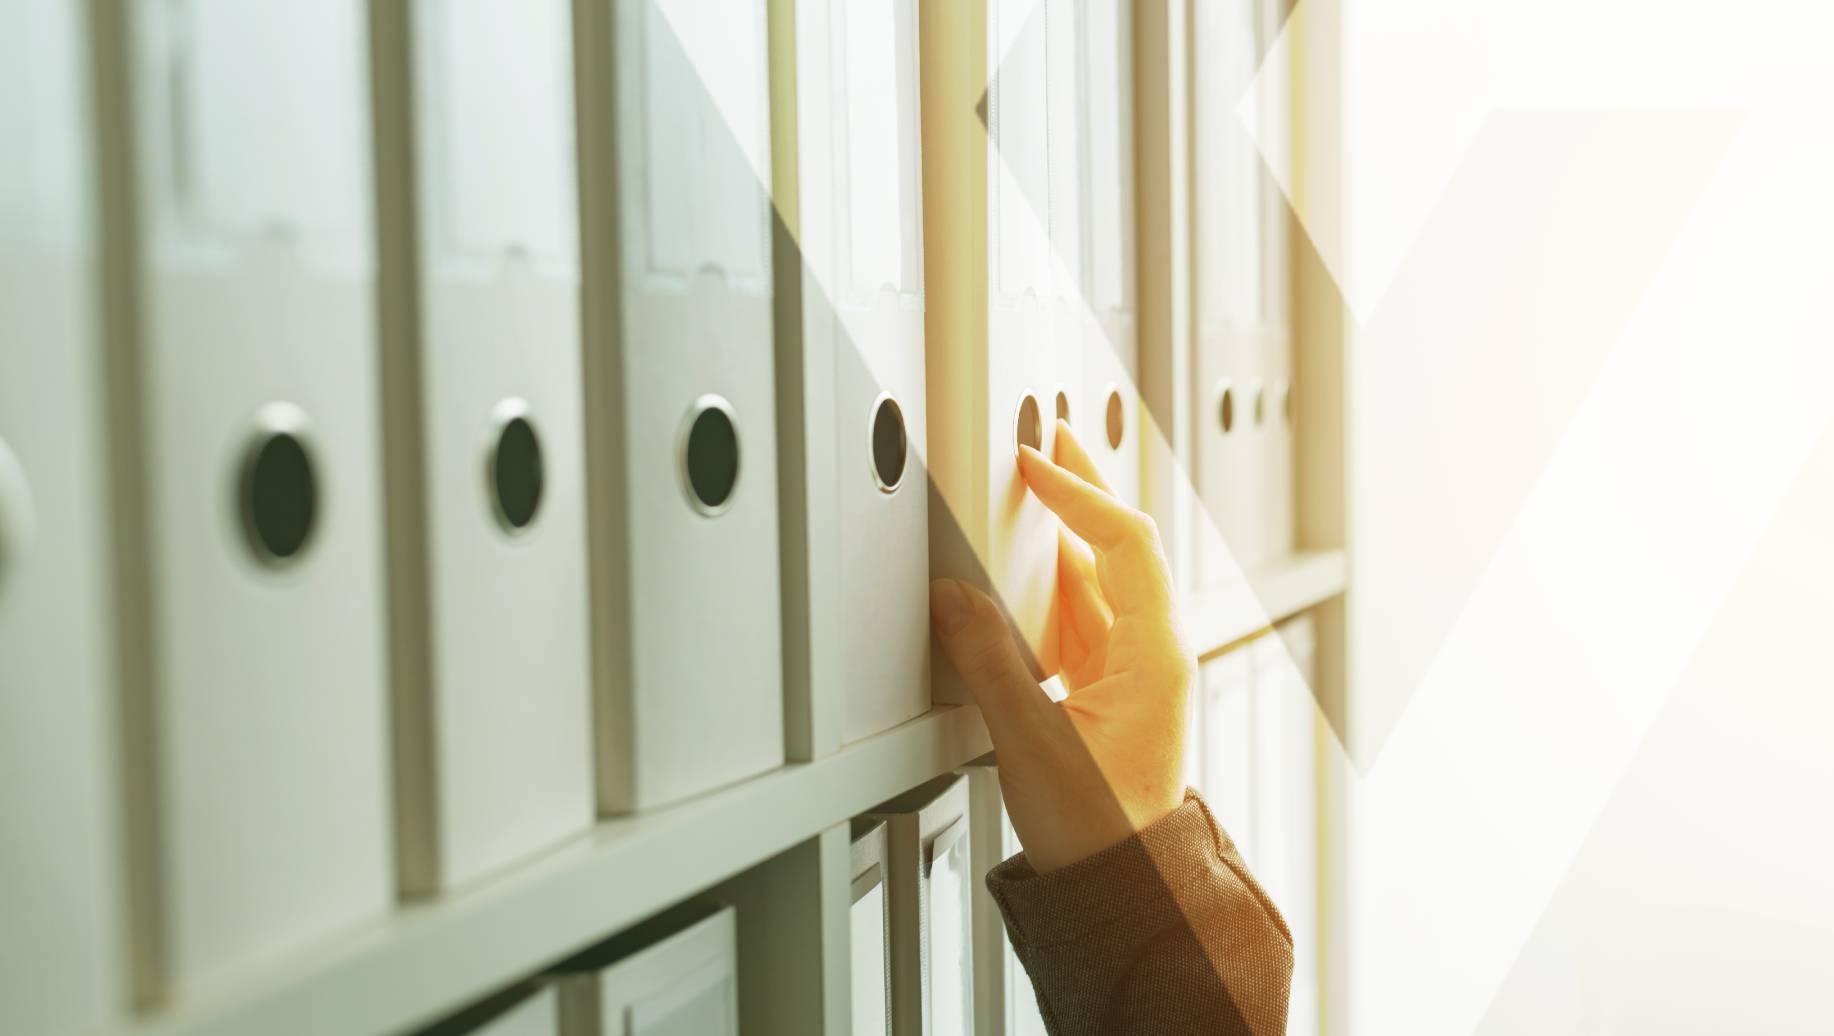 Pillar 1 And Pillar 2 OECD Blueprints: An Overview